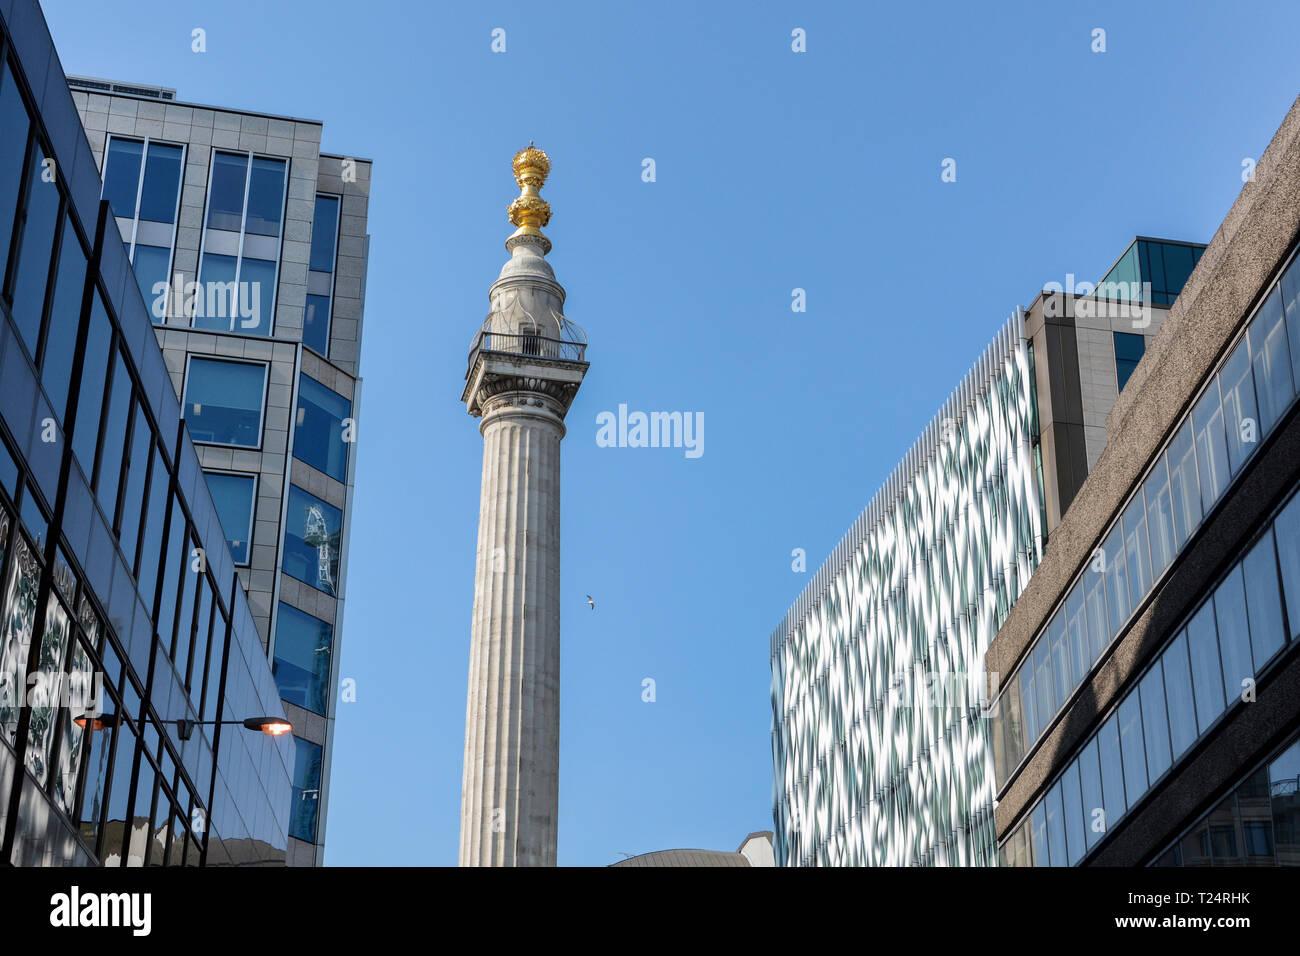 Das Denkmal für den großen Brand von London in der Stadt London, Großbritannien Stockbild